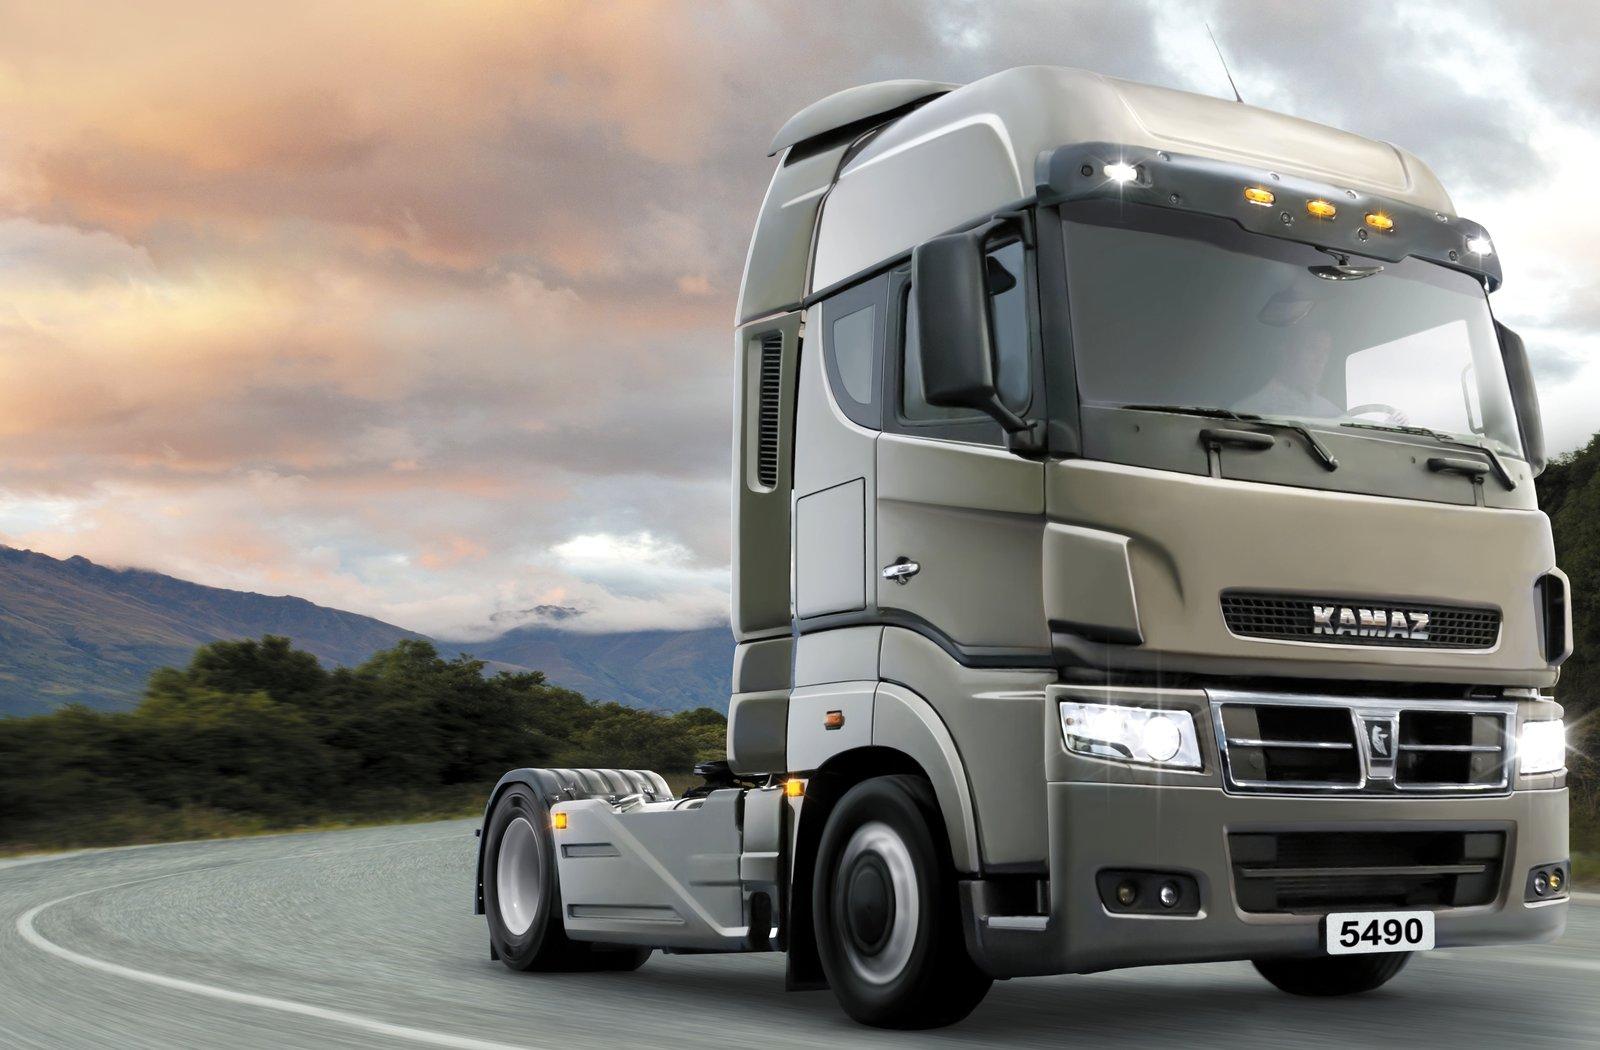 Фото грузовика нового камаза